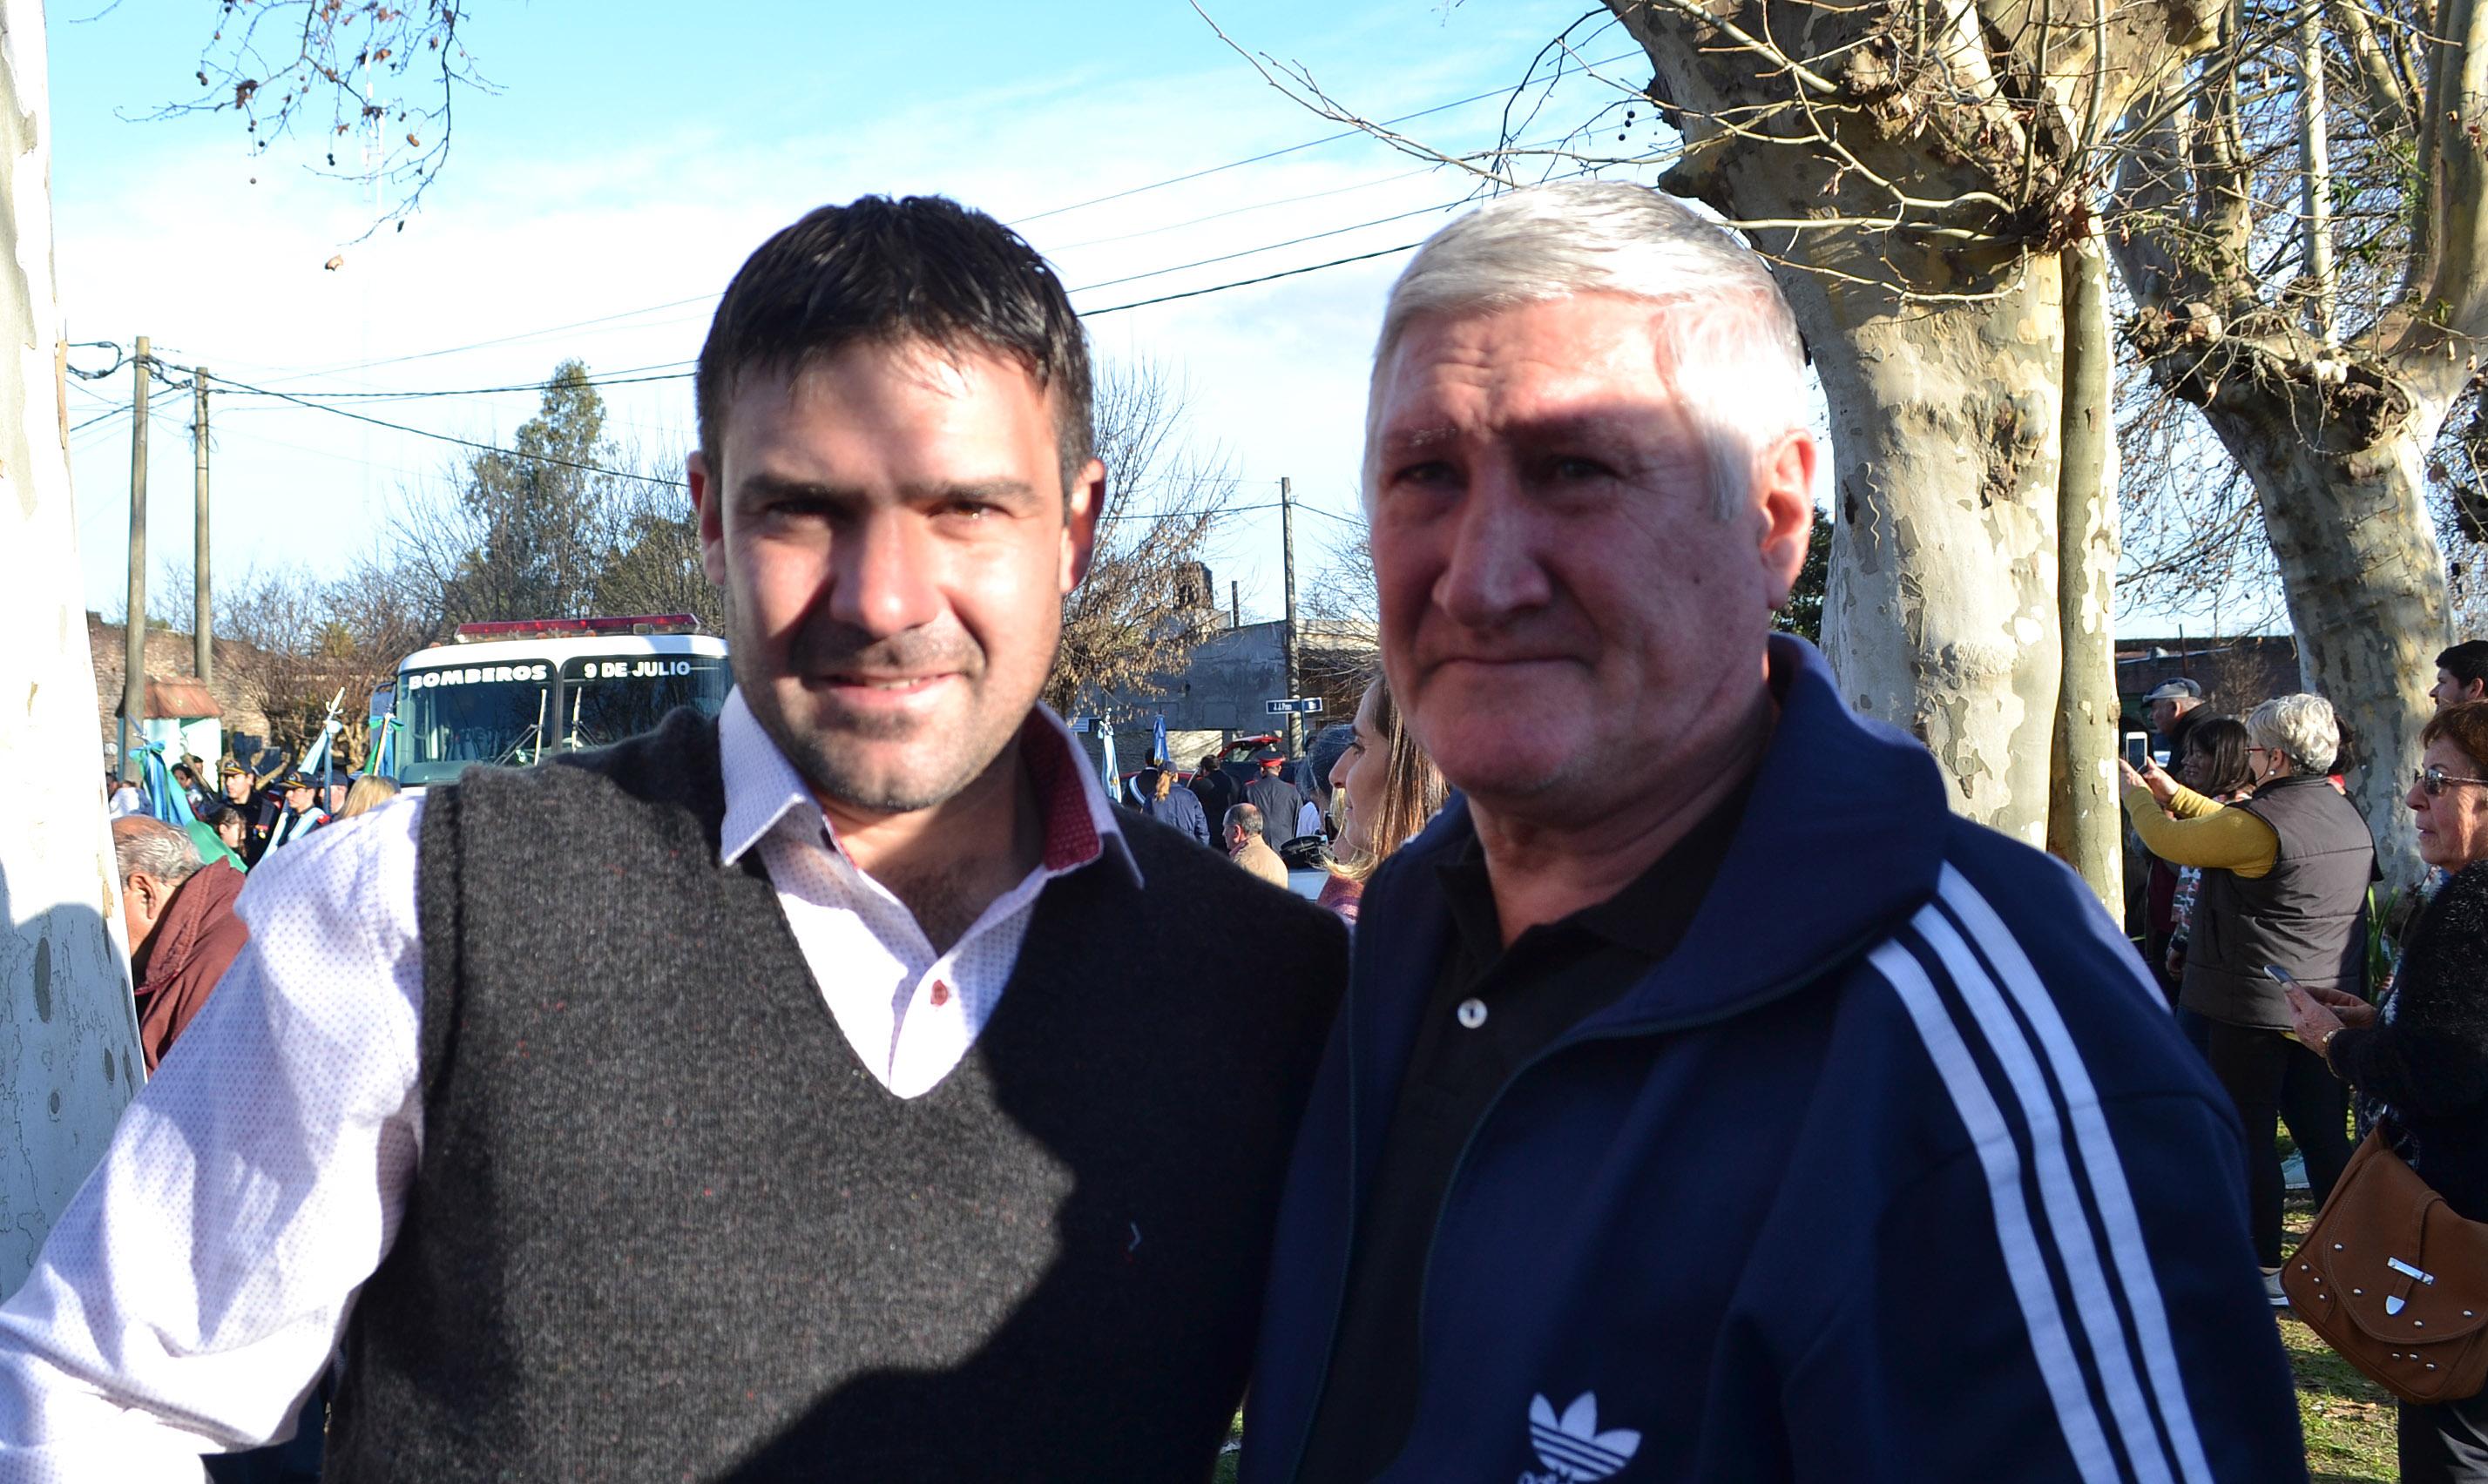 """Carlos Guiotto: """"El pueblo no está olvidado, está de pie y día a día nos esforzamos"""""""